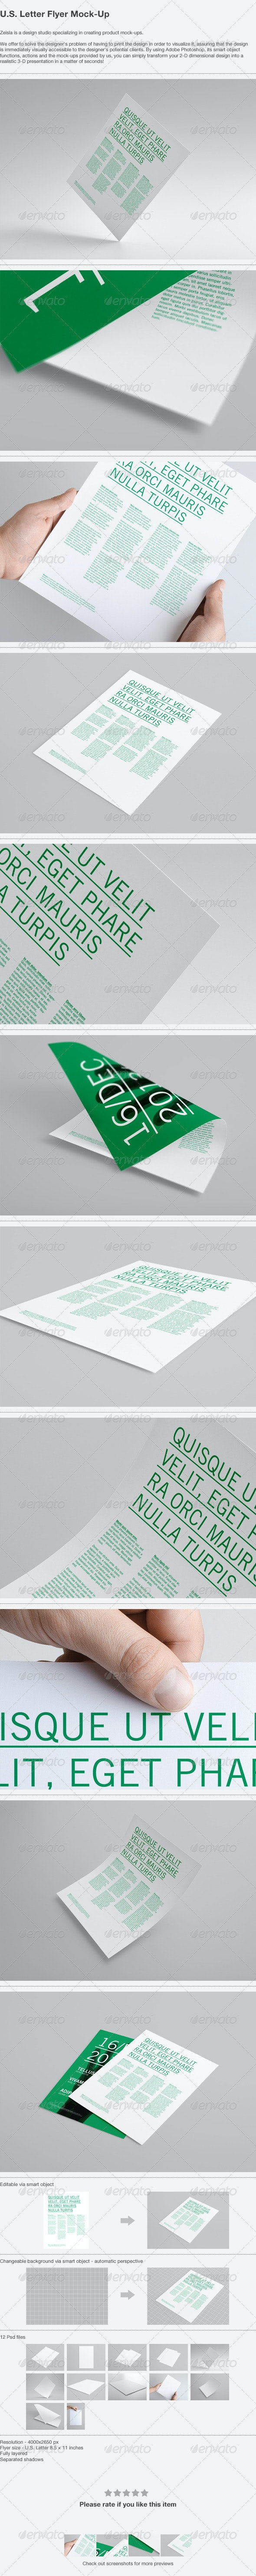 U.S. Letter Flyer Mock-Up - Print Product Mock-Ups